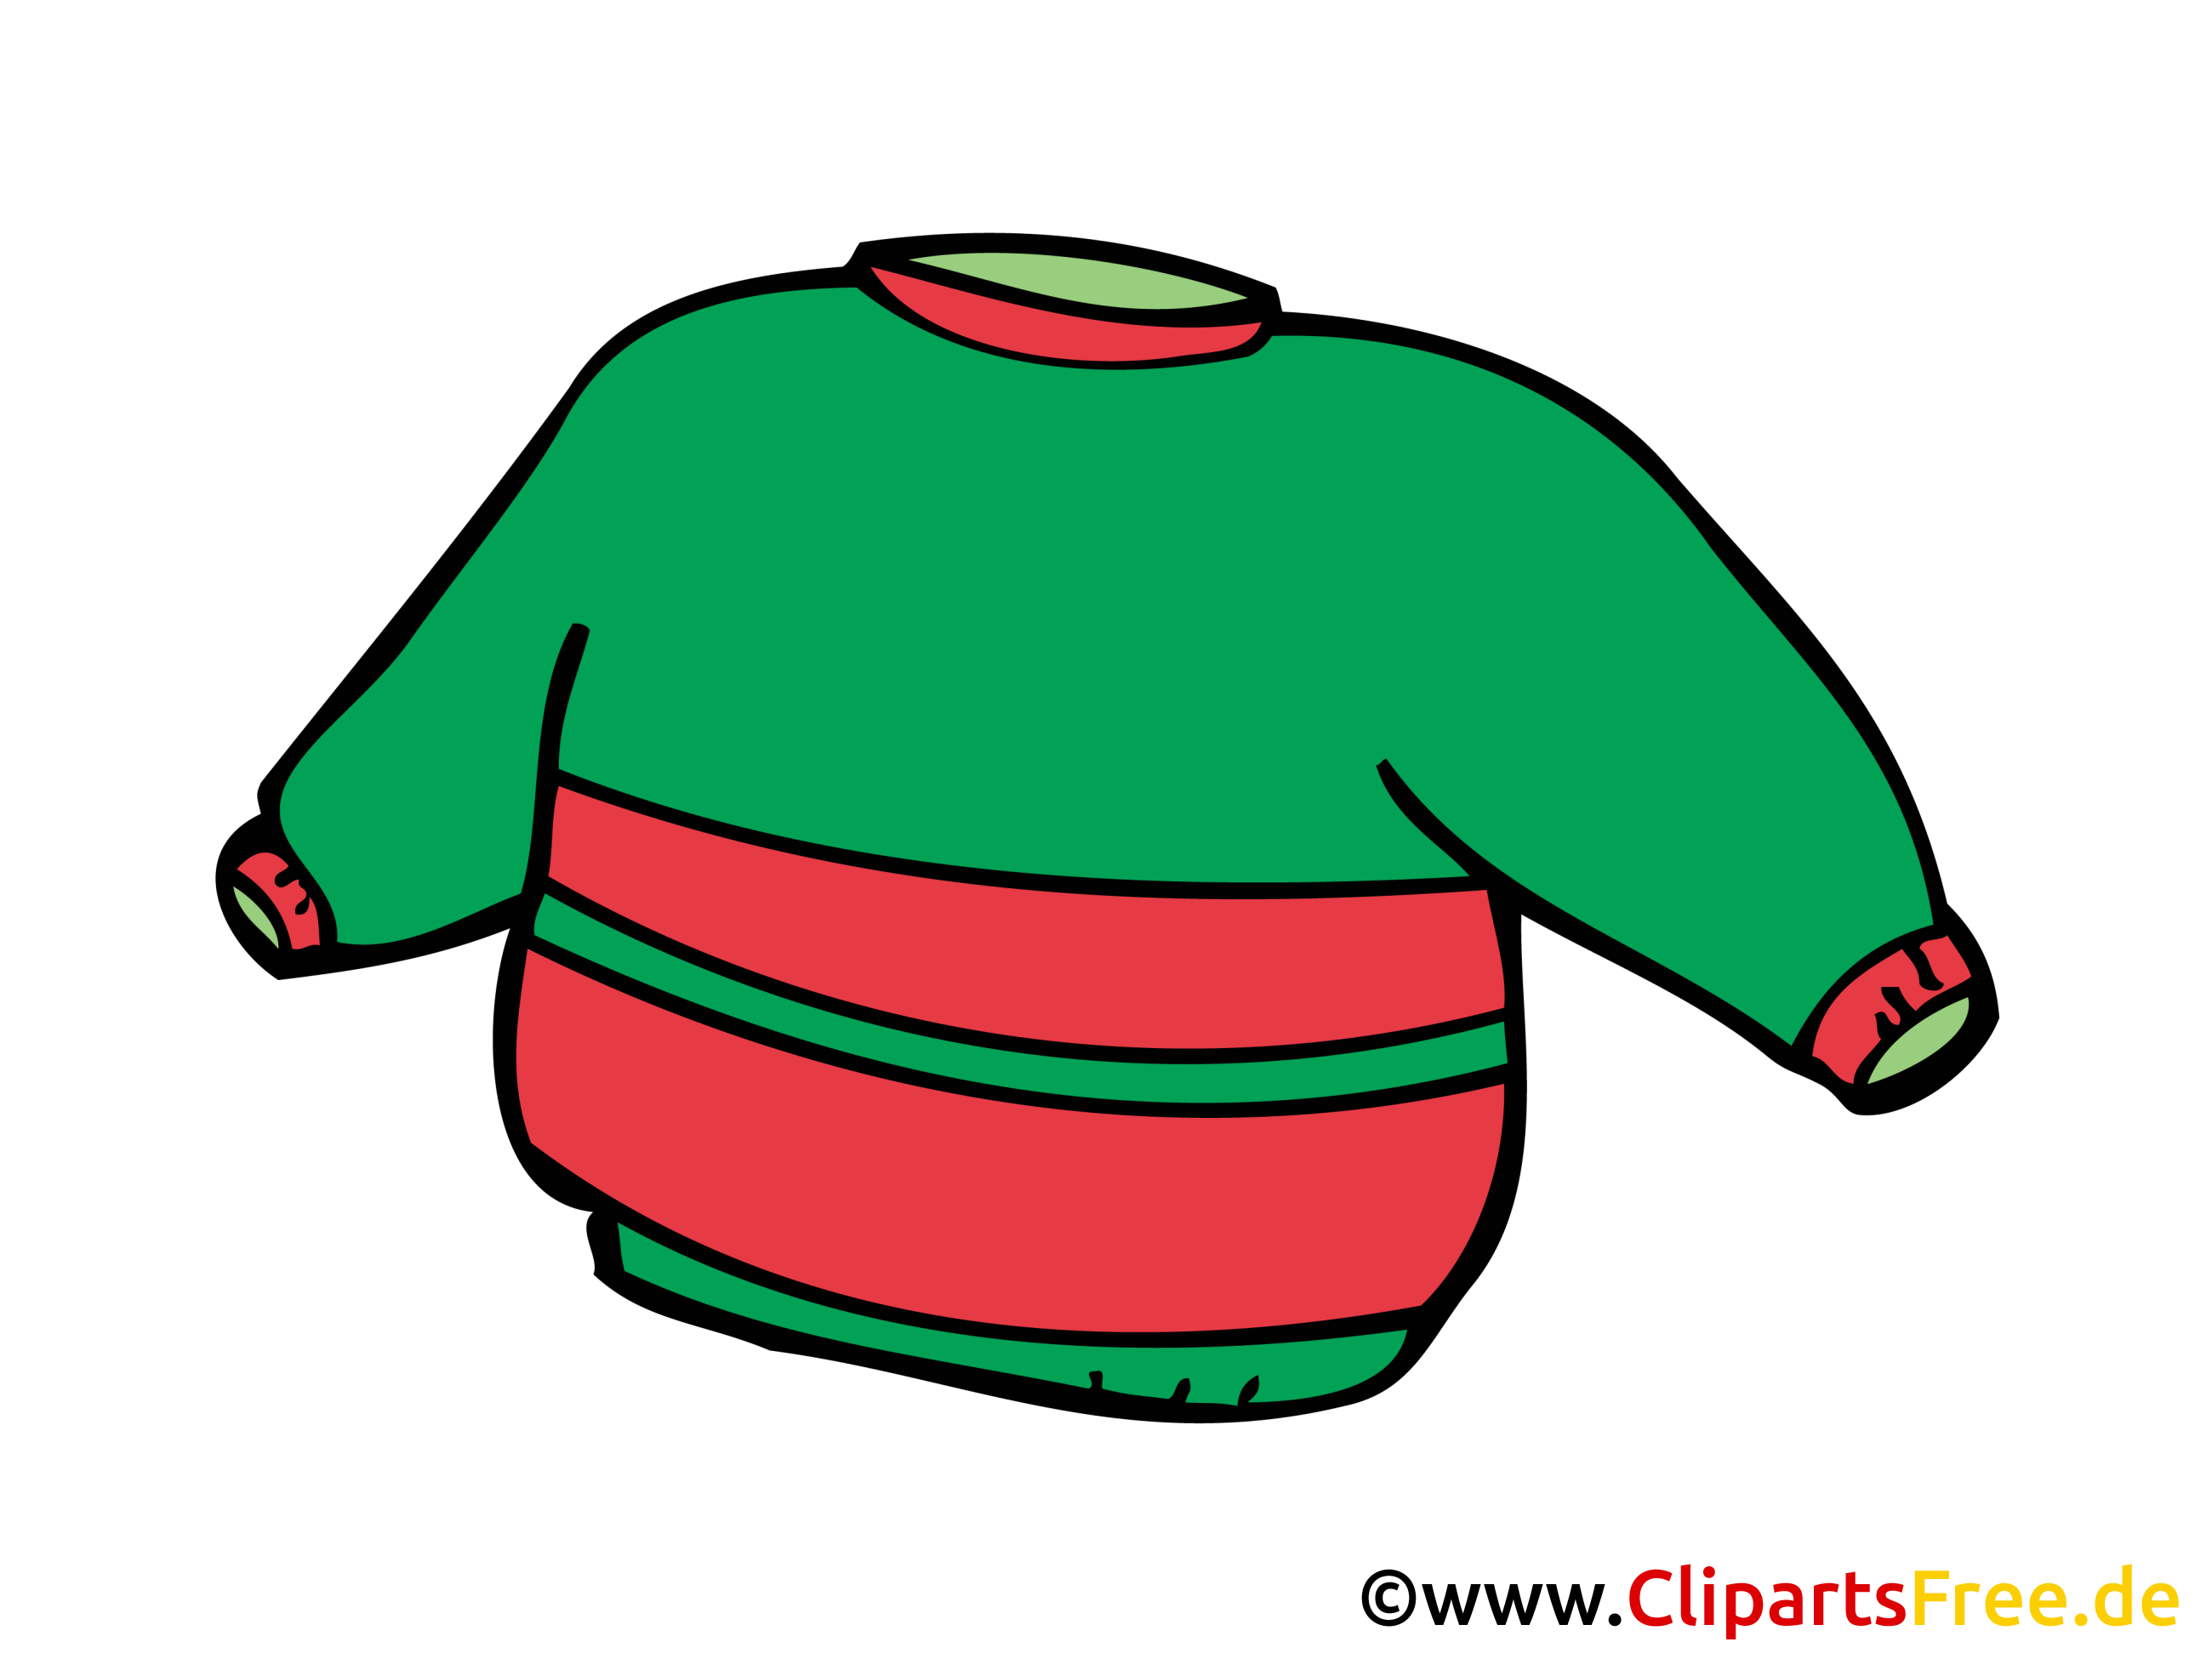 Sweater Bild, Clipart, Zeichnung, Illustration, Comic gratis